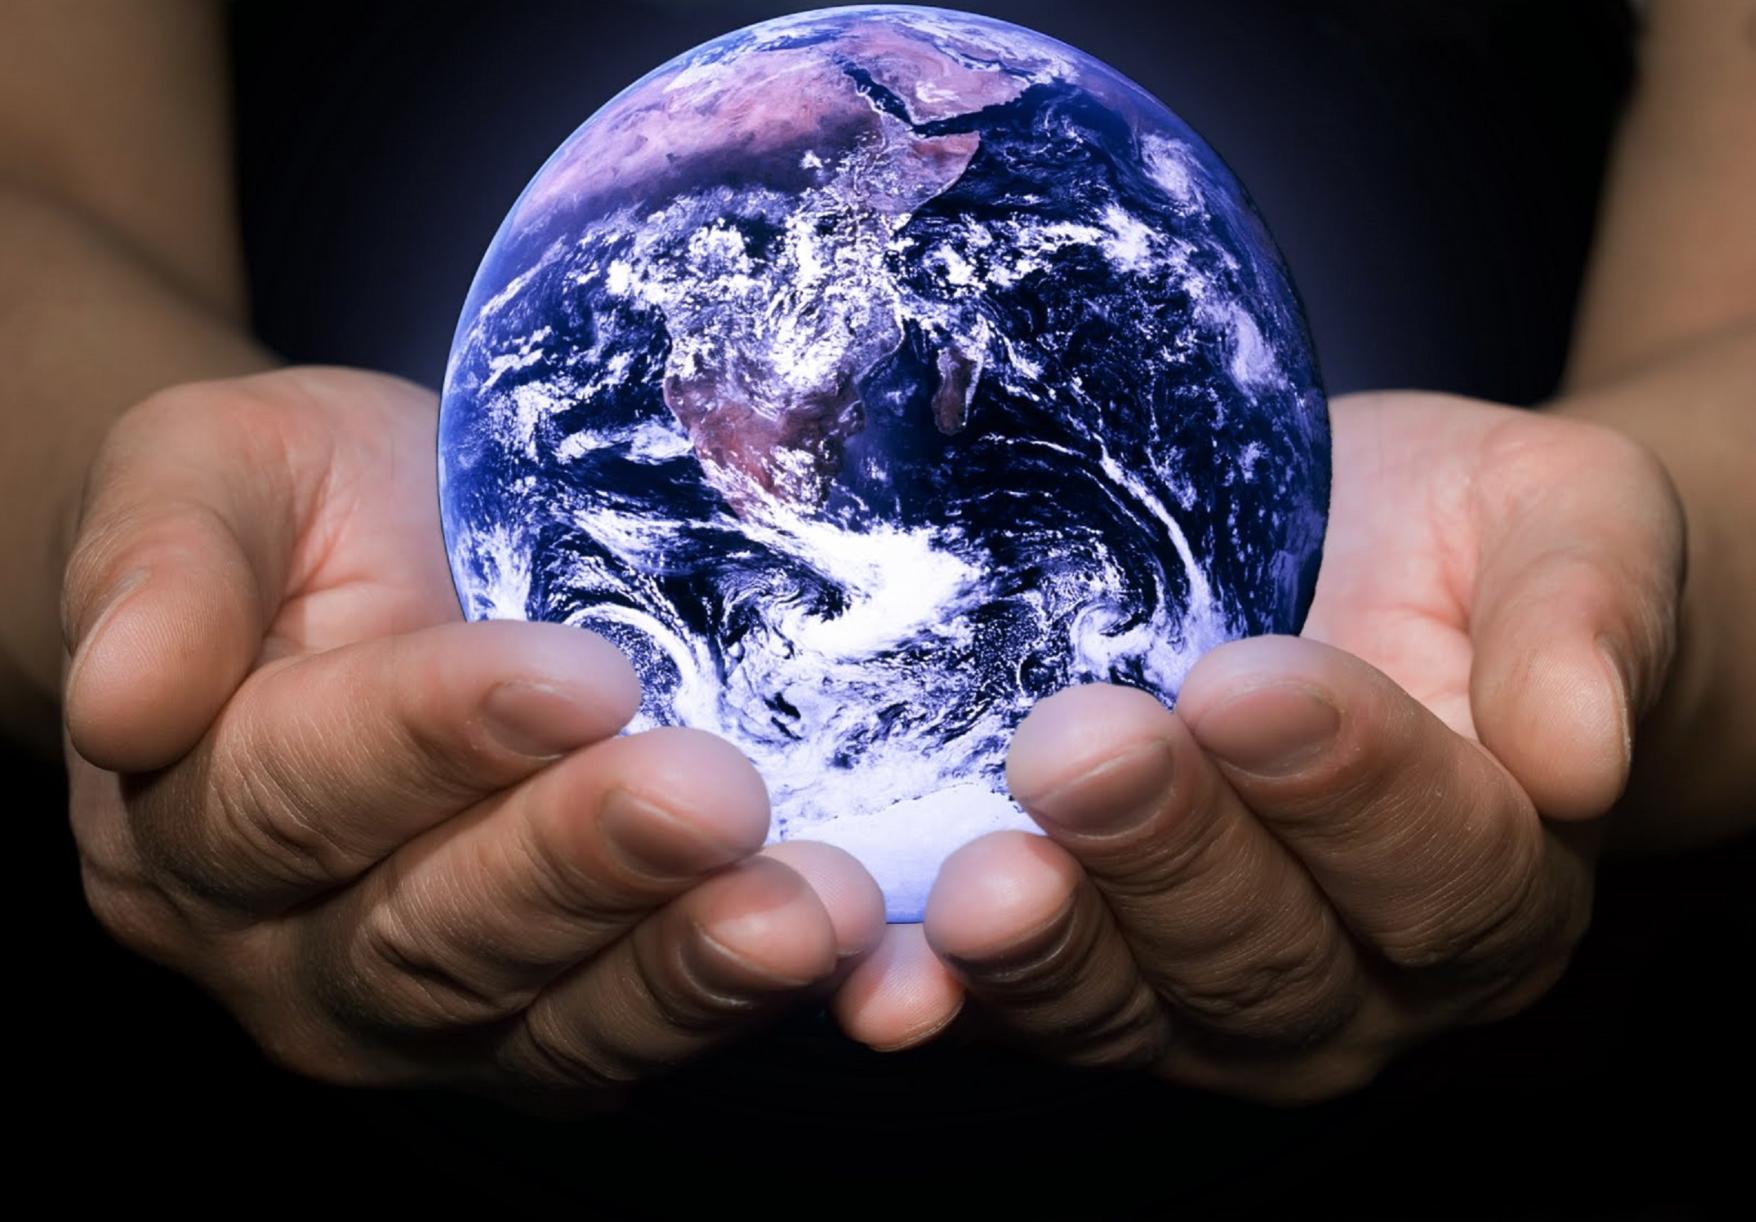 фиолетовой спальне фото шар земли в руках мужчины каждый выход